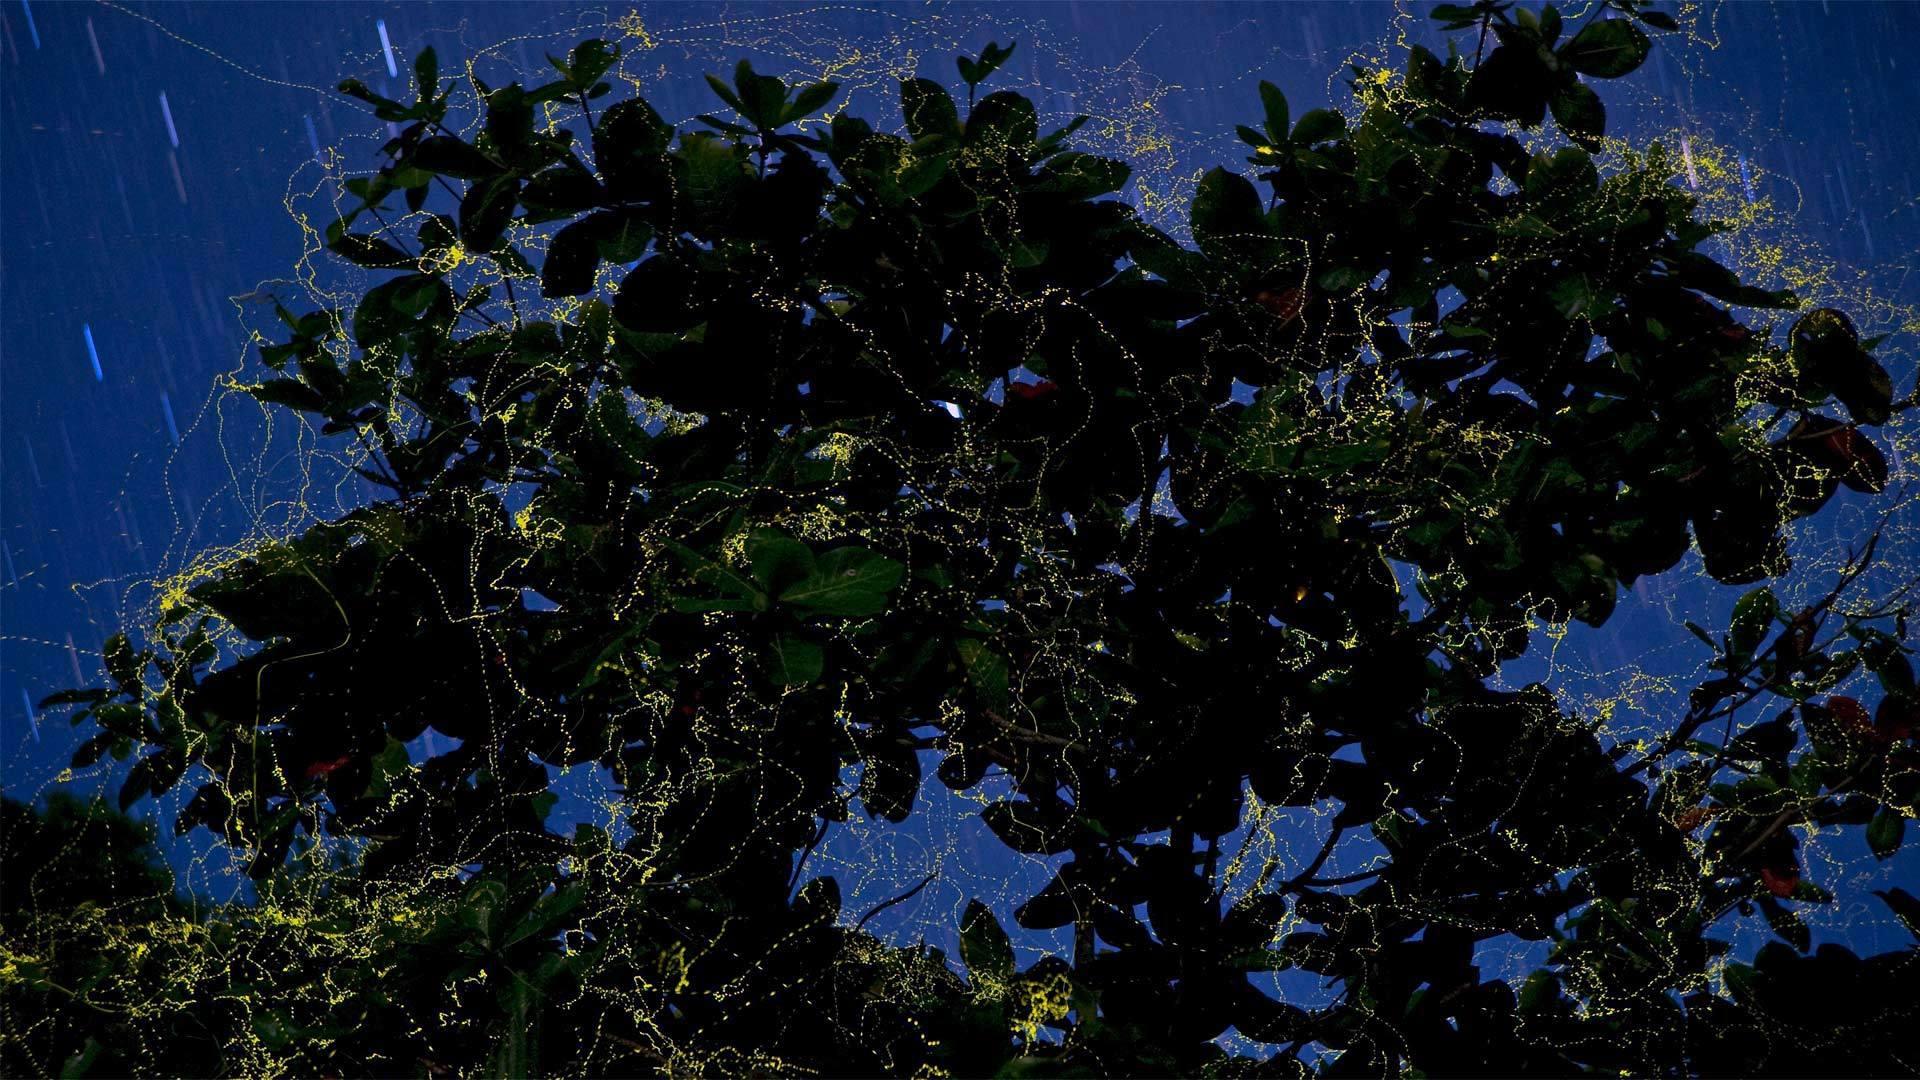 吕宋岛上的萤火虫环绕着榄仁树